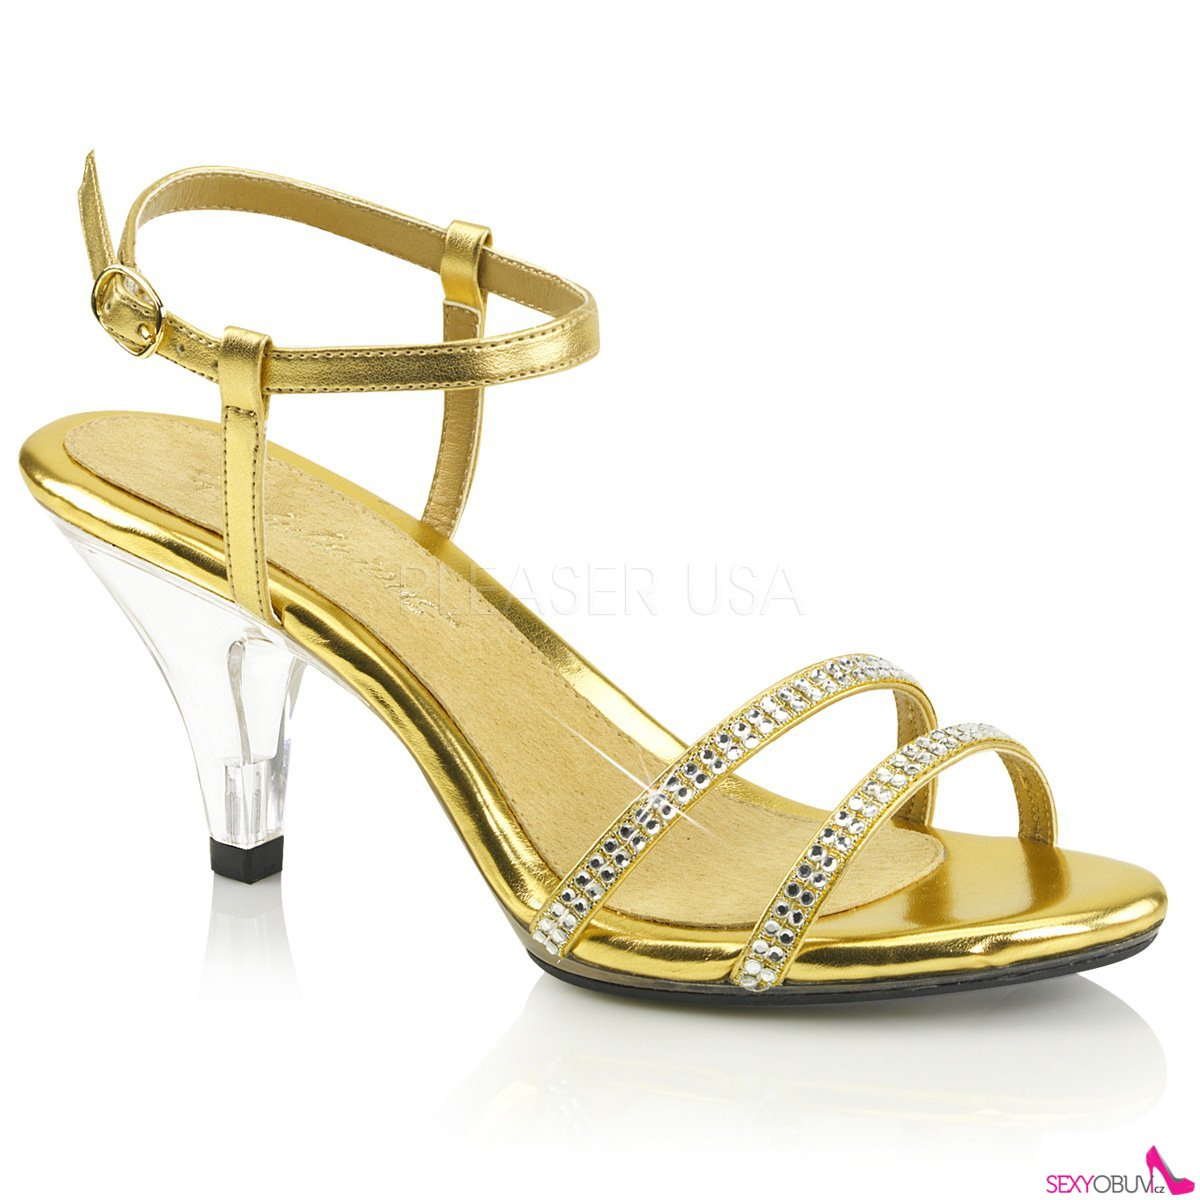 595f1f1180e1 BELLE-316 Páskové zlaté sandály na nízkém podpatku